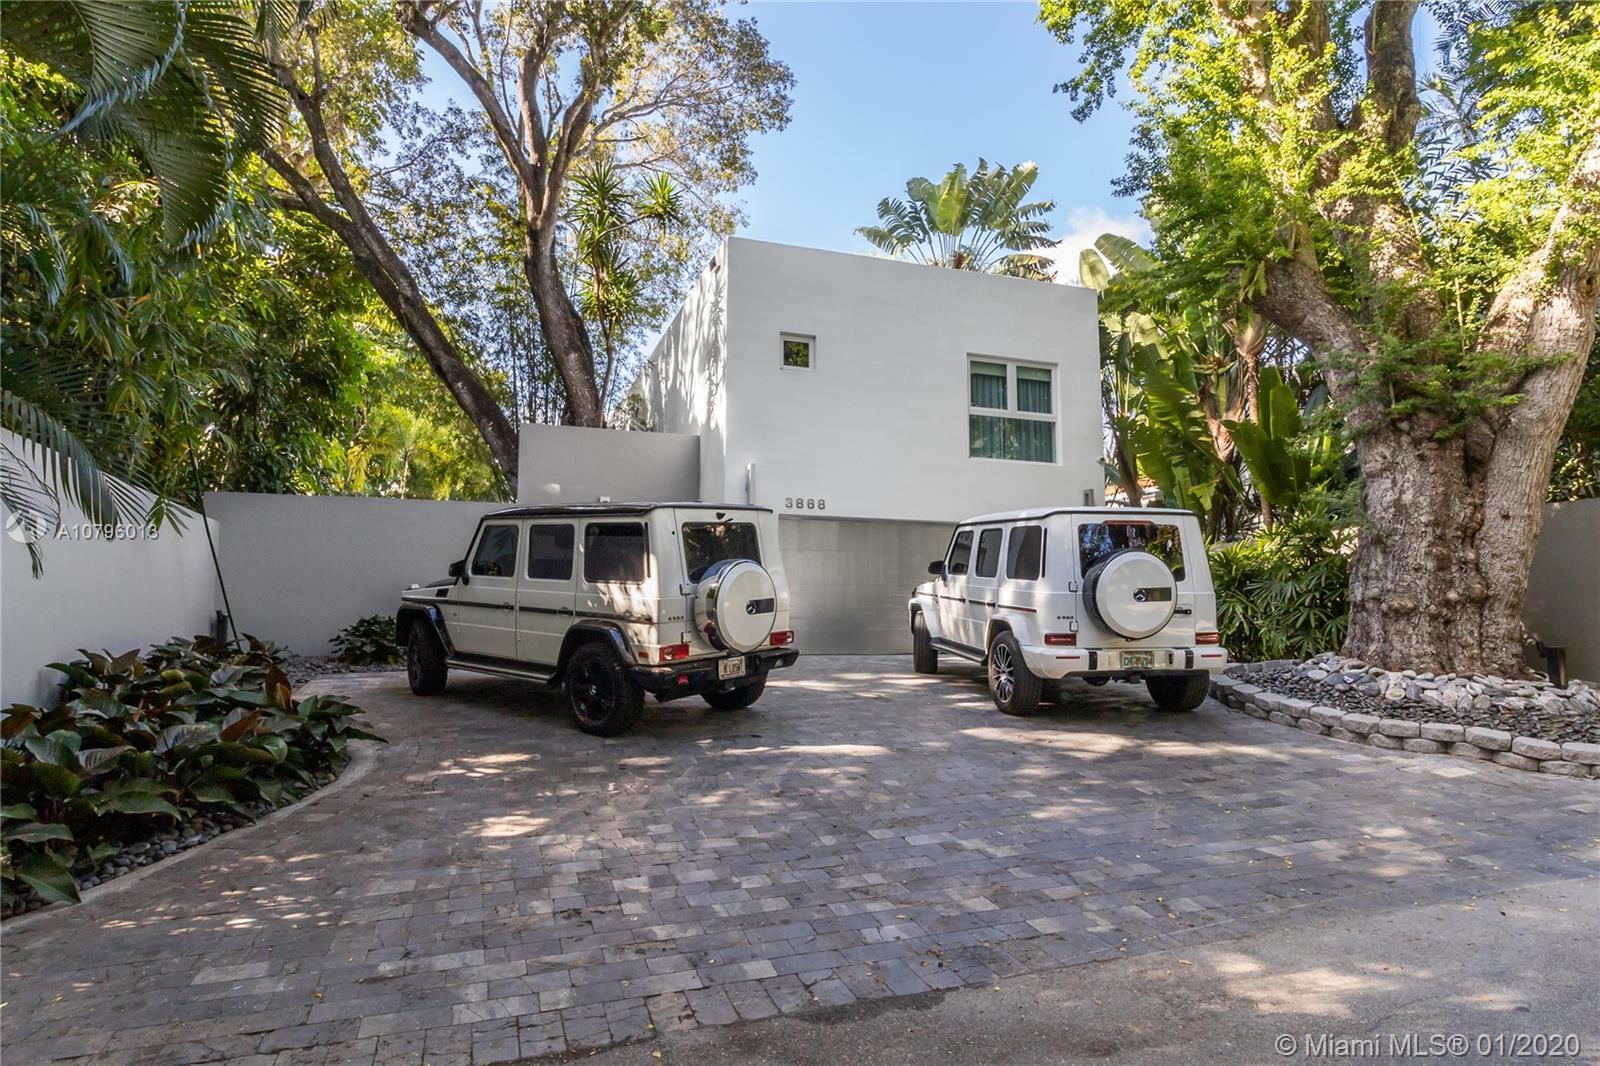 3868 Braganza Ave, Miami, FL, 33133